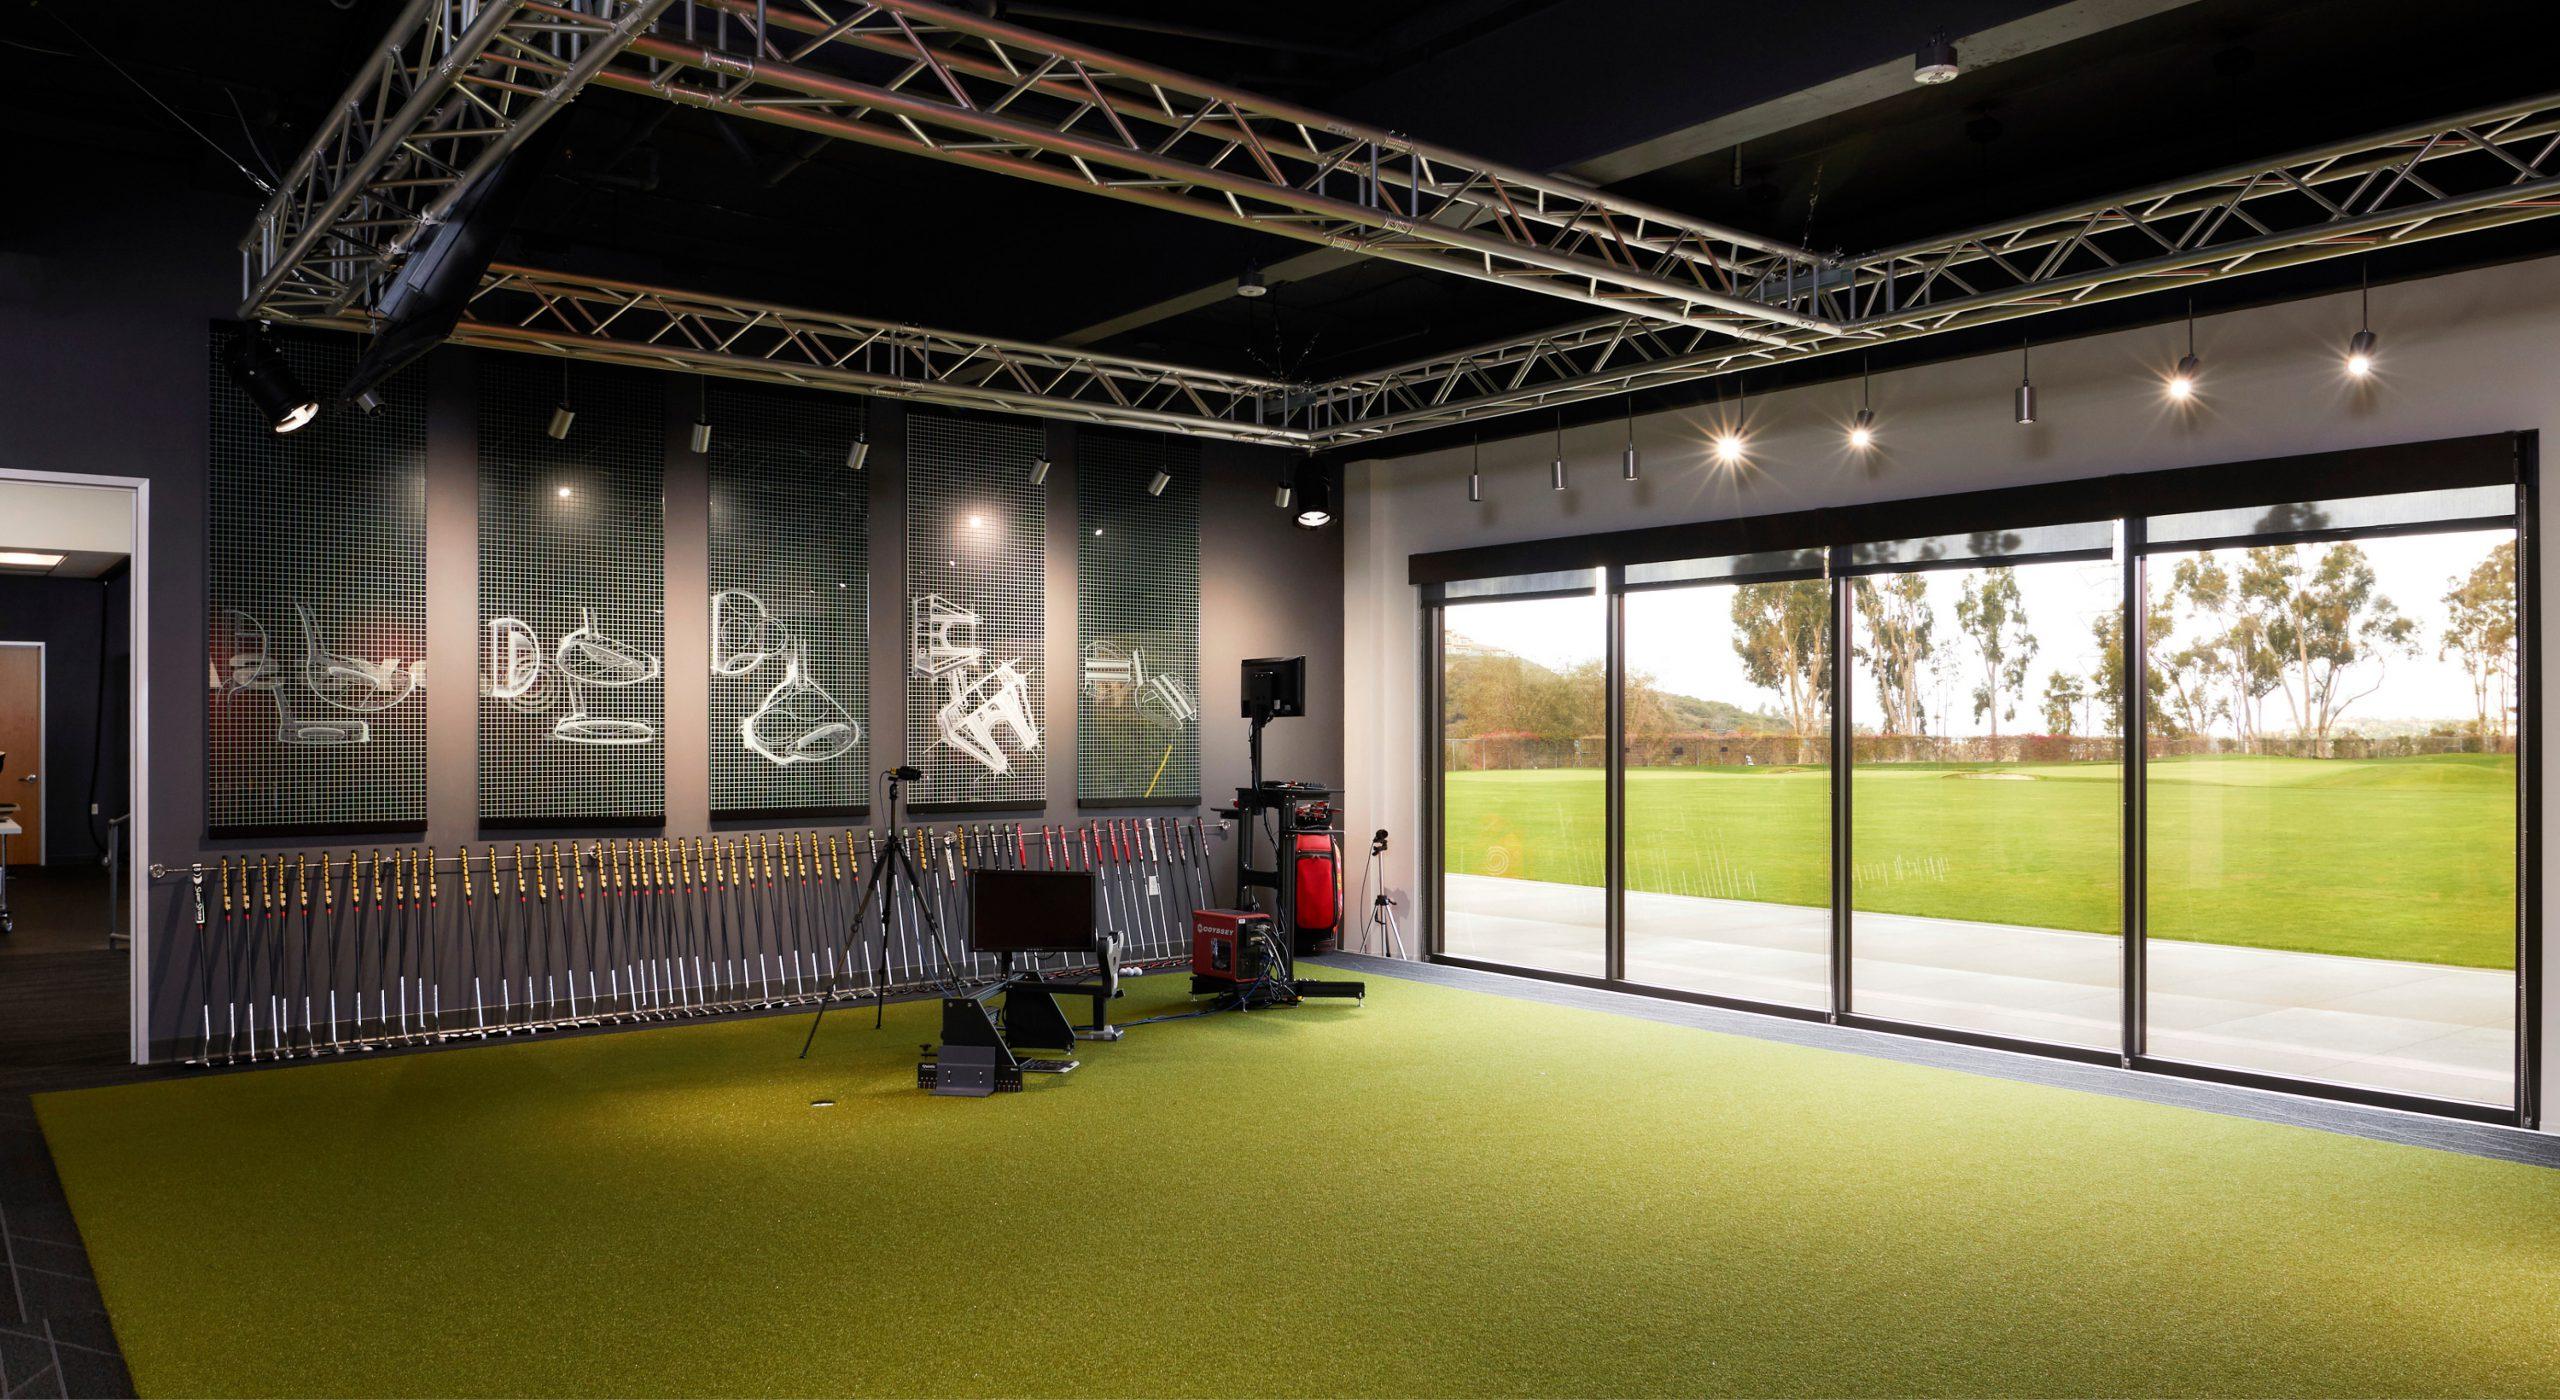 Callaway Golf Performance Center indoor golf area